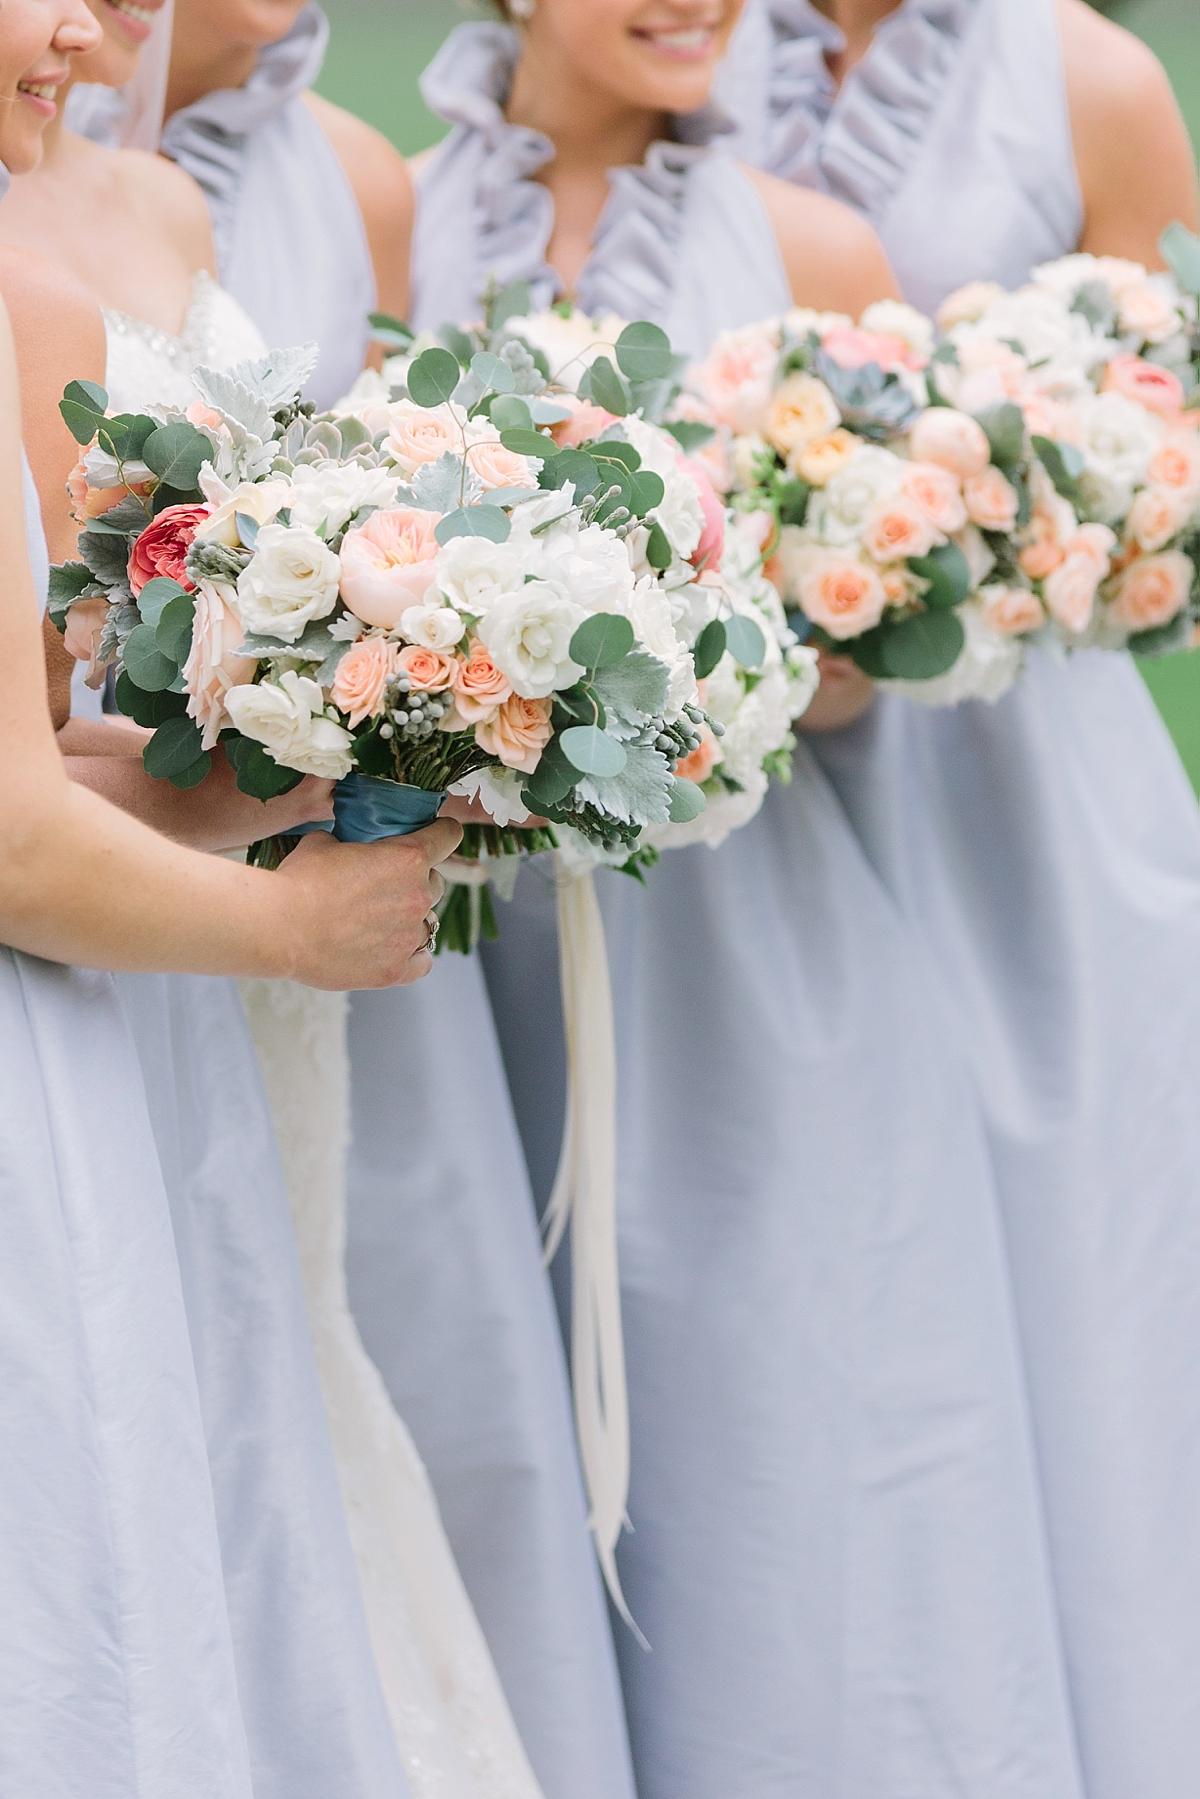 wedding formals at ochre court